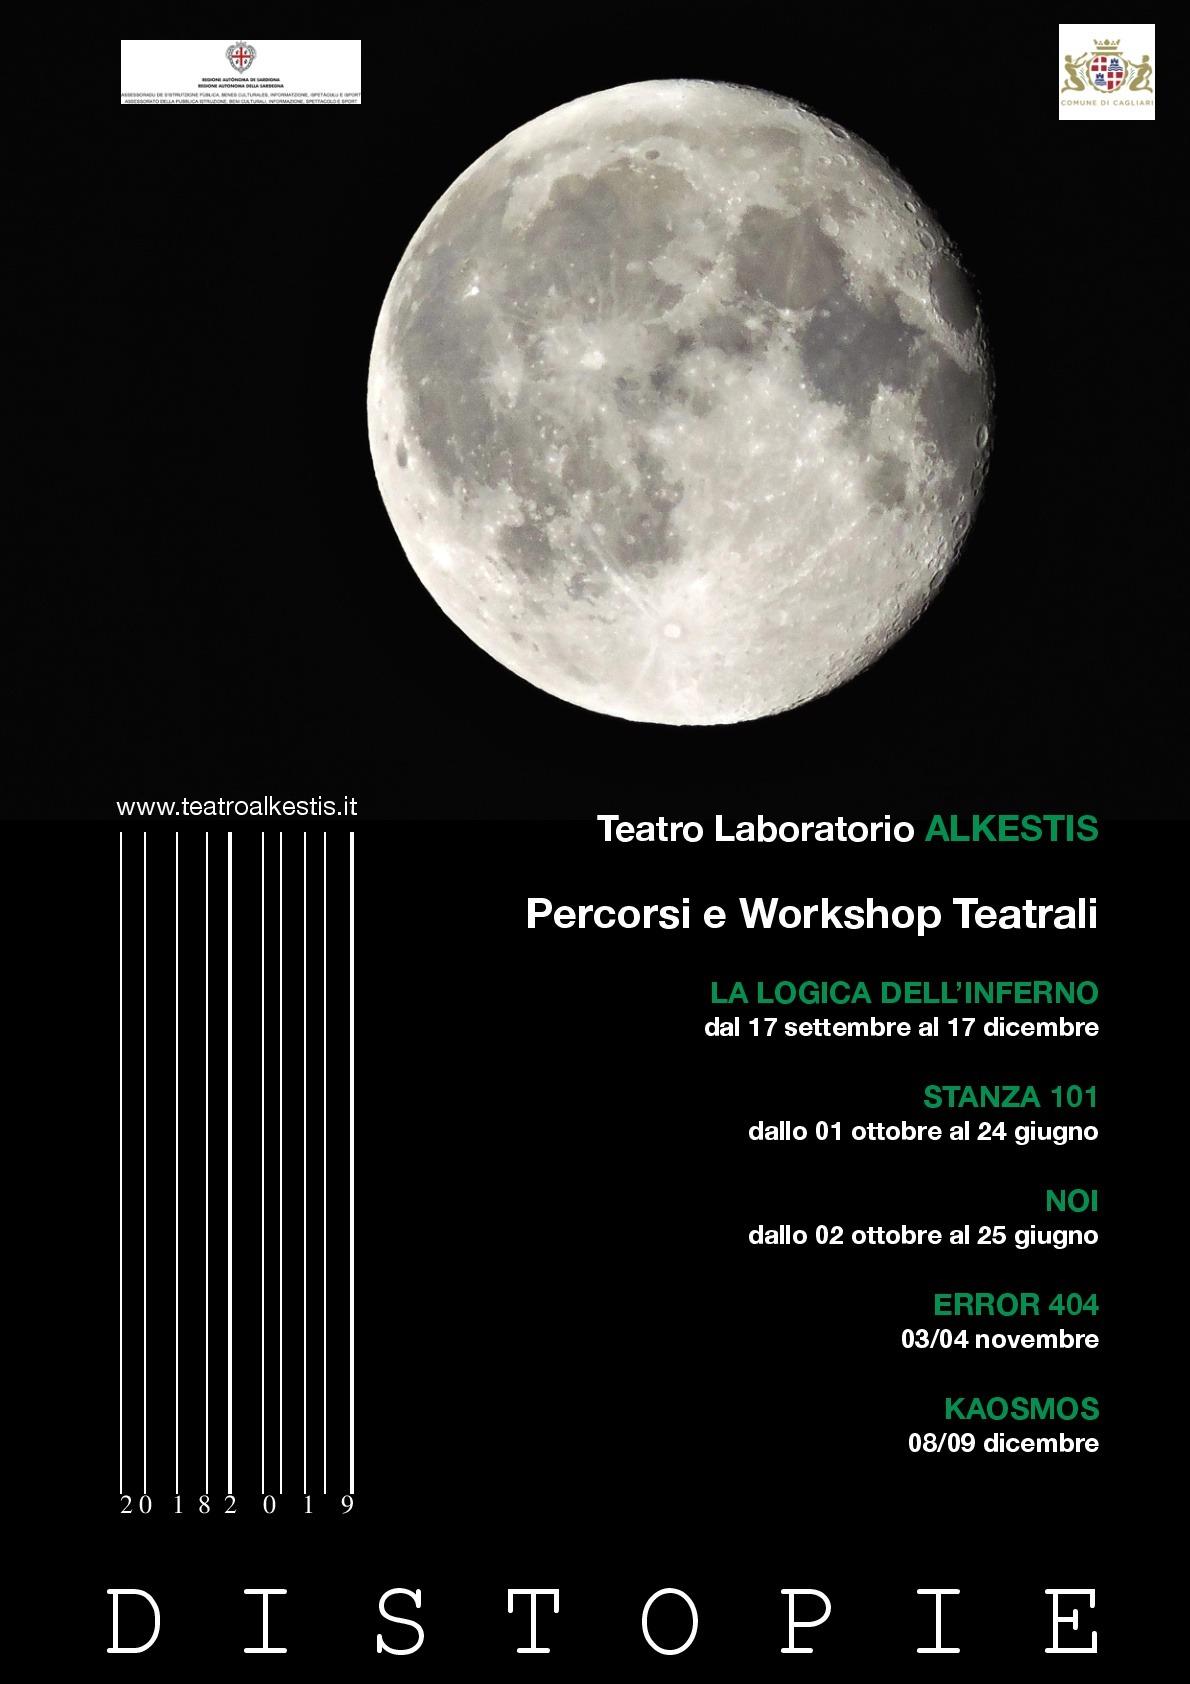 teatroalkestis distopie 1 DISTOPIE laboratori di propedeutica e formazione teatrale